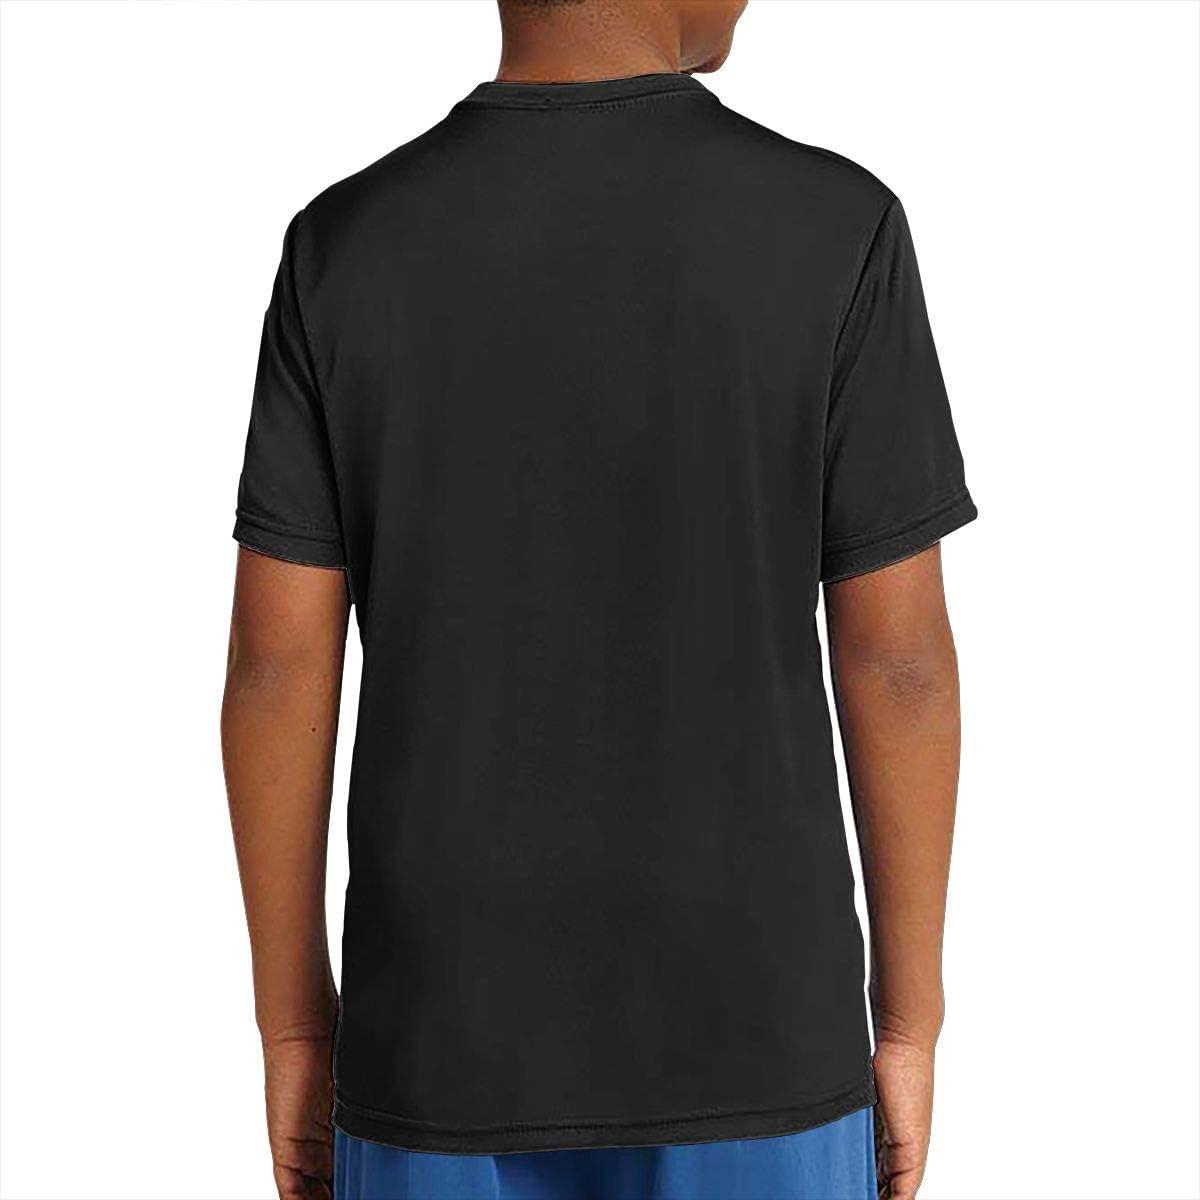 MichaelRoberson Youth Boys Teenage T-Shirt Cute Tees Anime Tshirts Tees